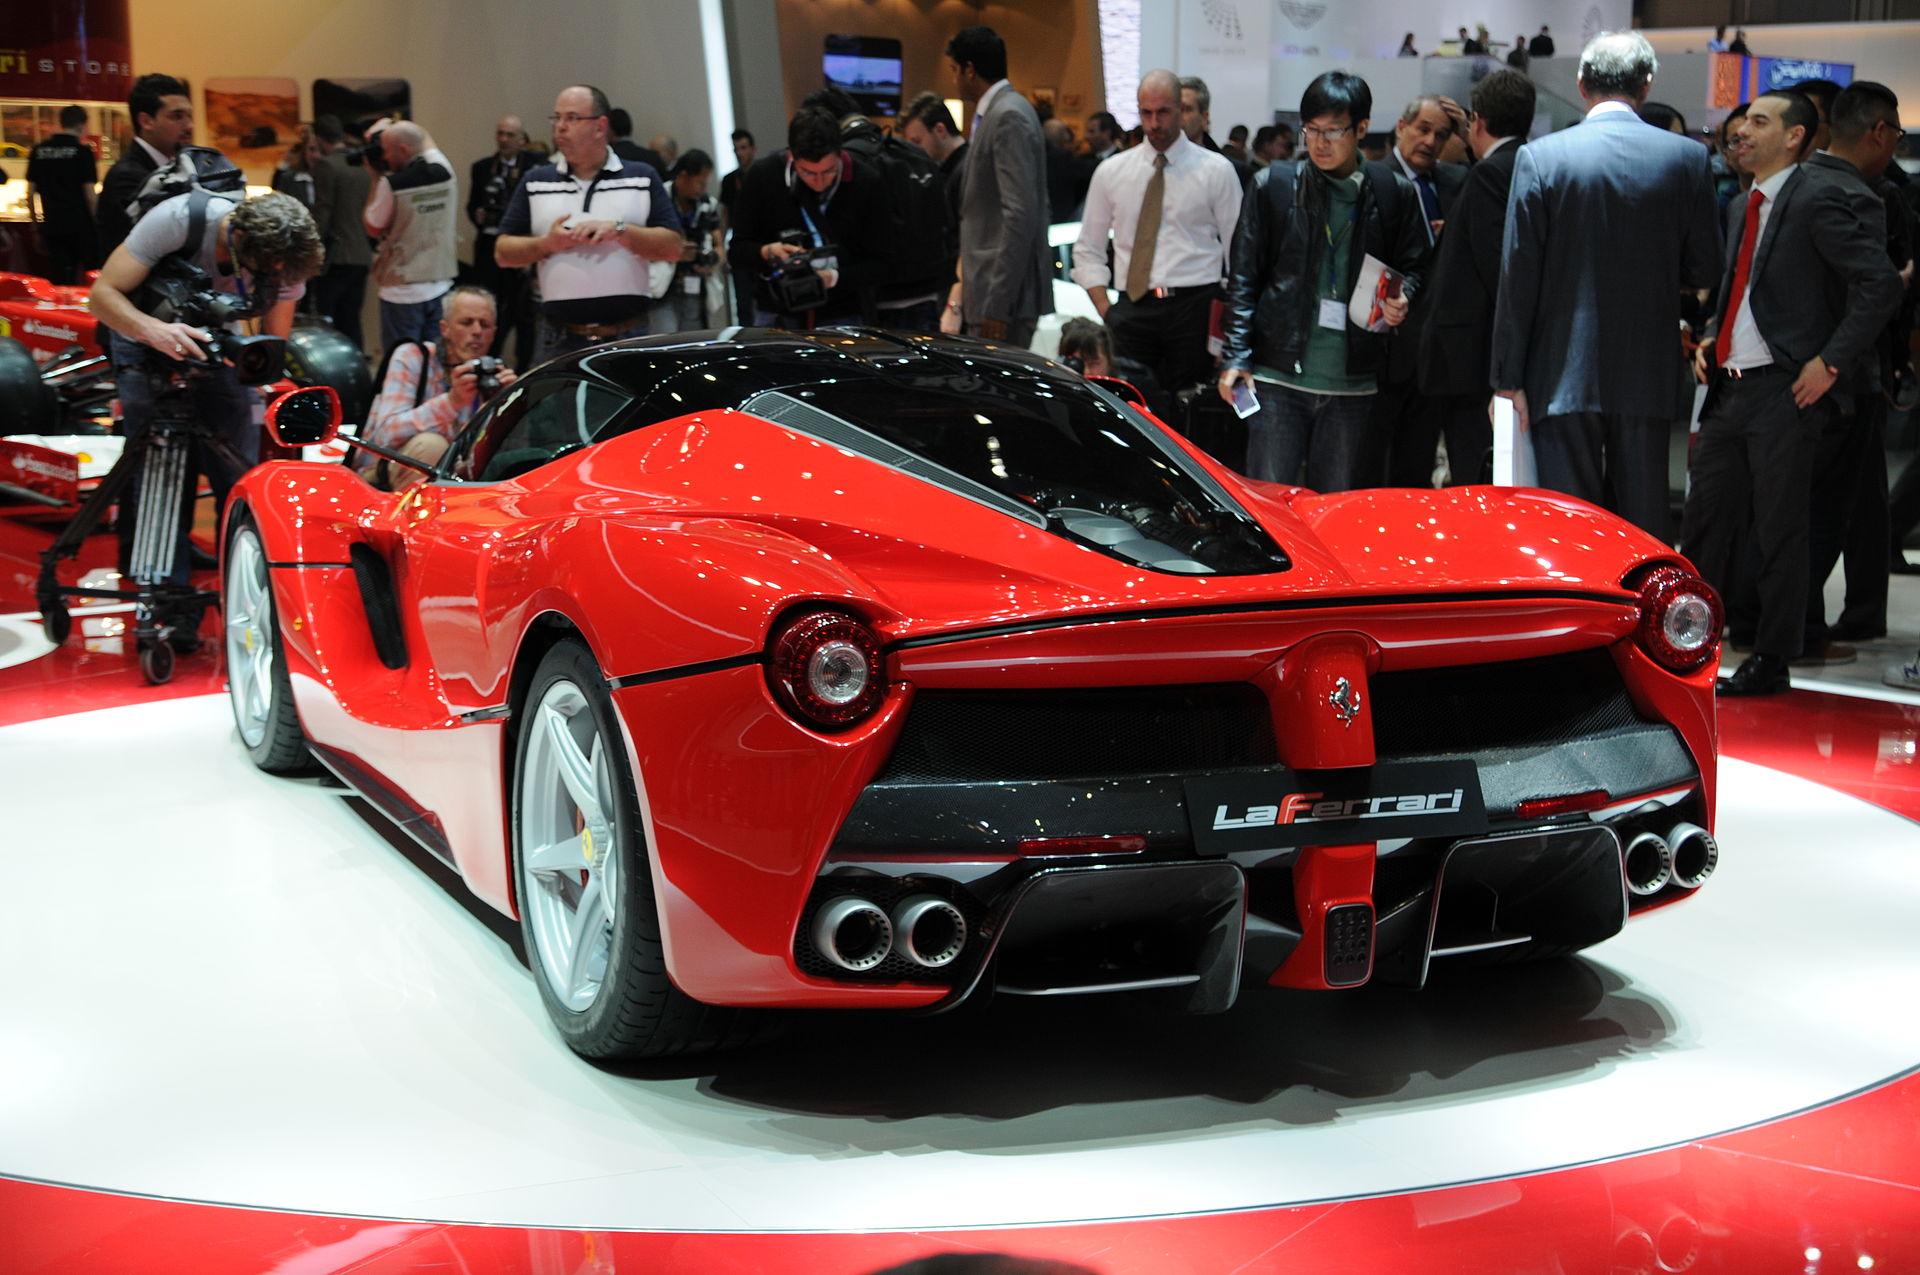 LaFerrari Hybrid Sports Car